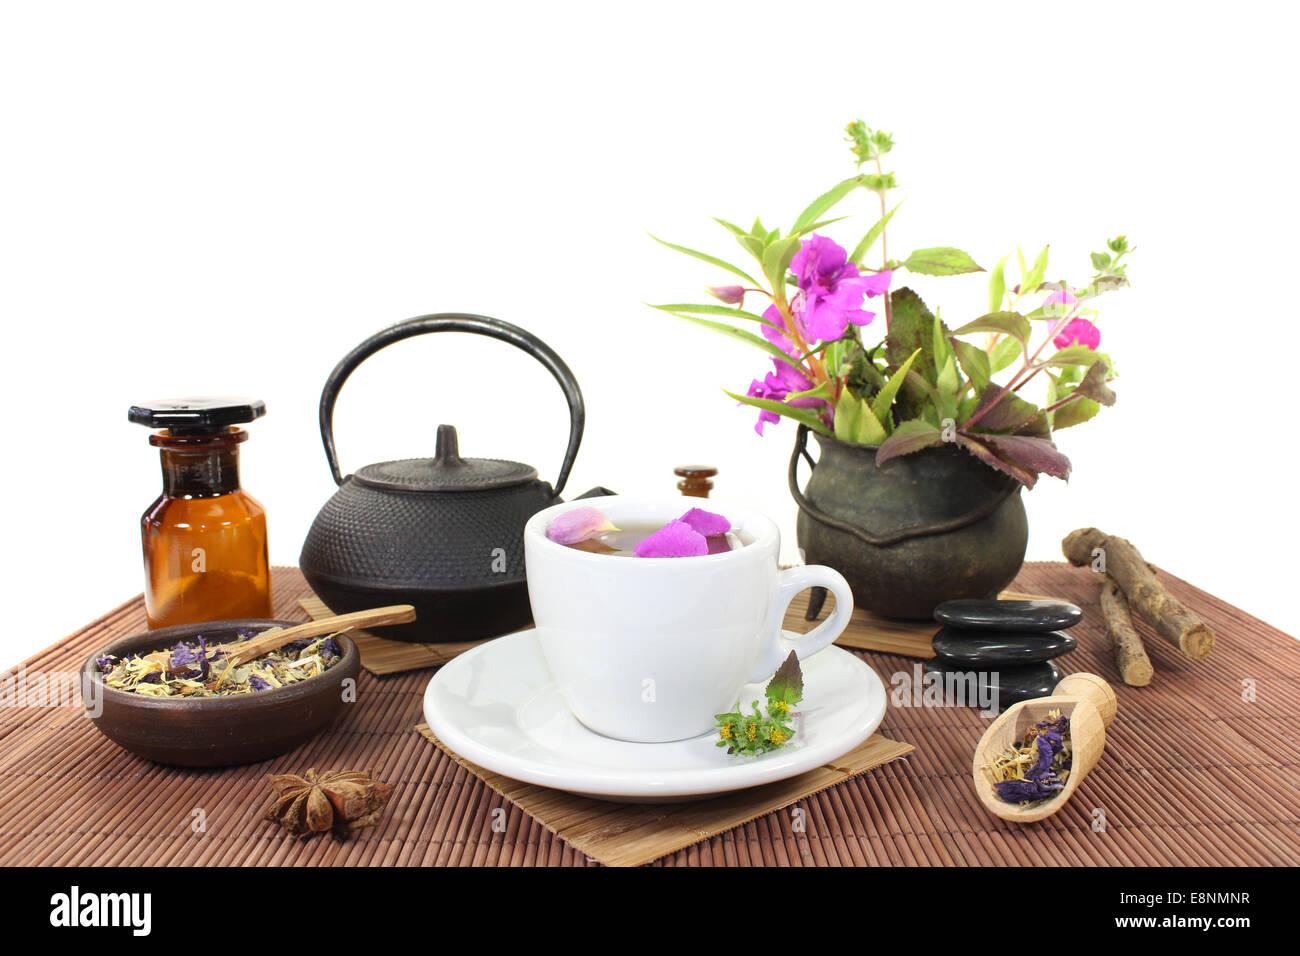 China medicina natural con una taza de té, pétalos de flores y hierbas Imagen De Stock